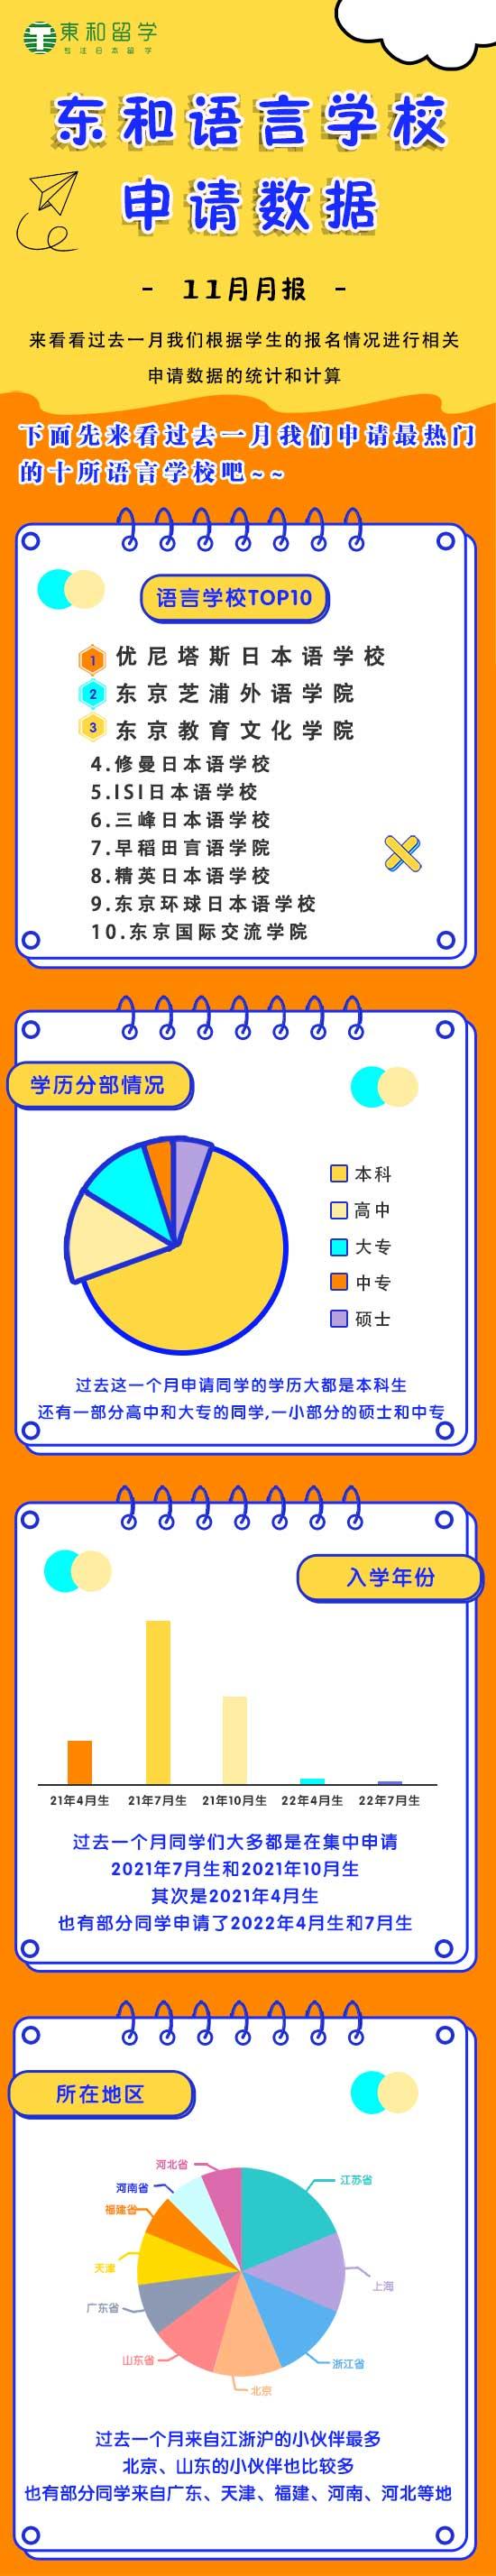 11月报-网站.jpg